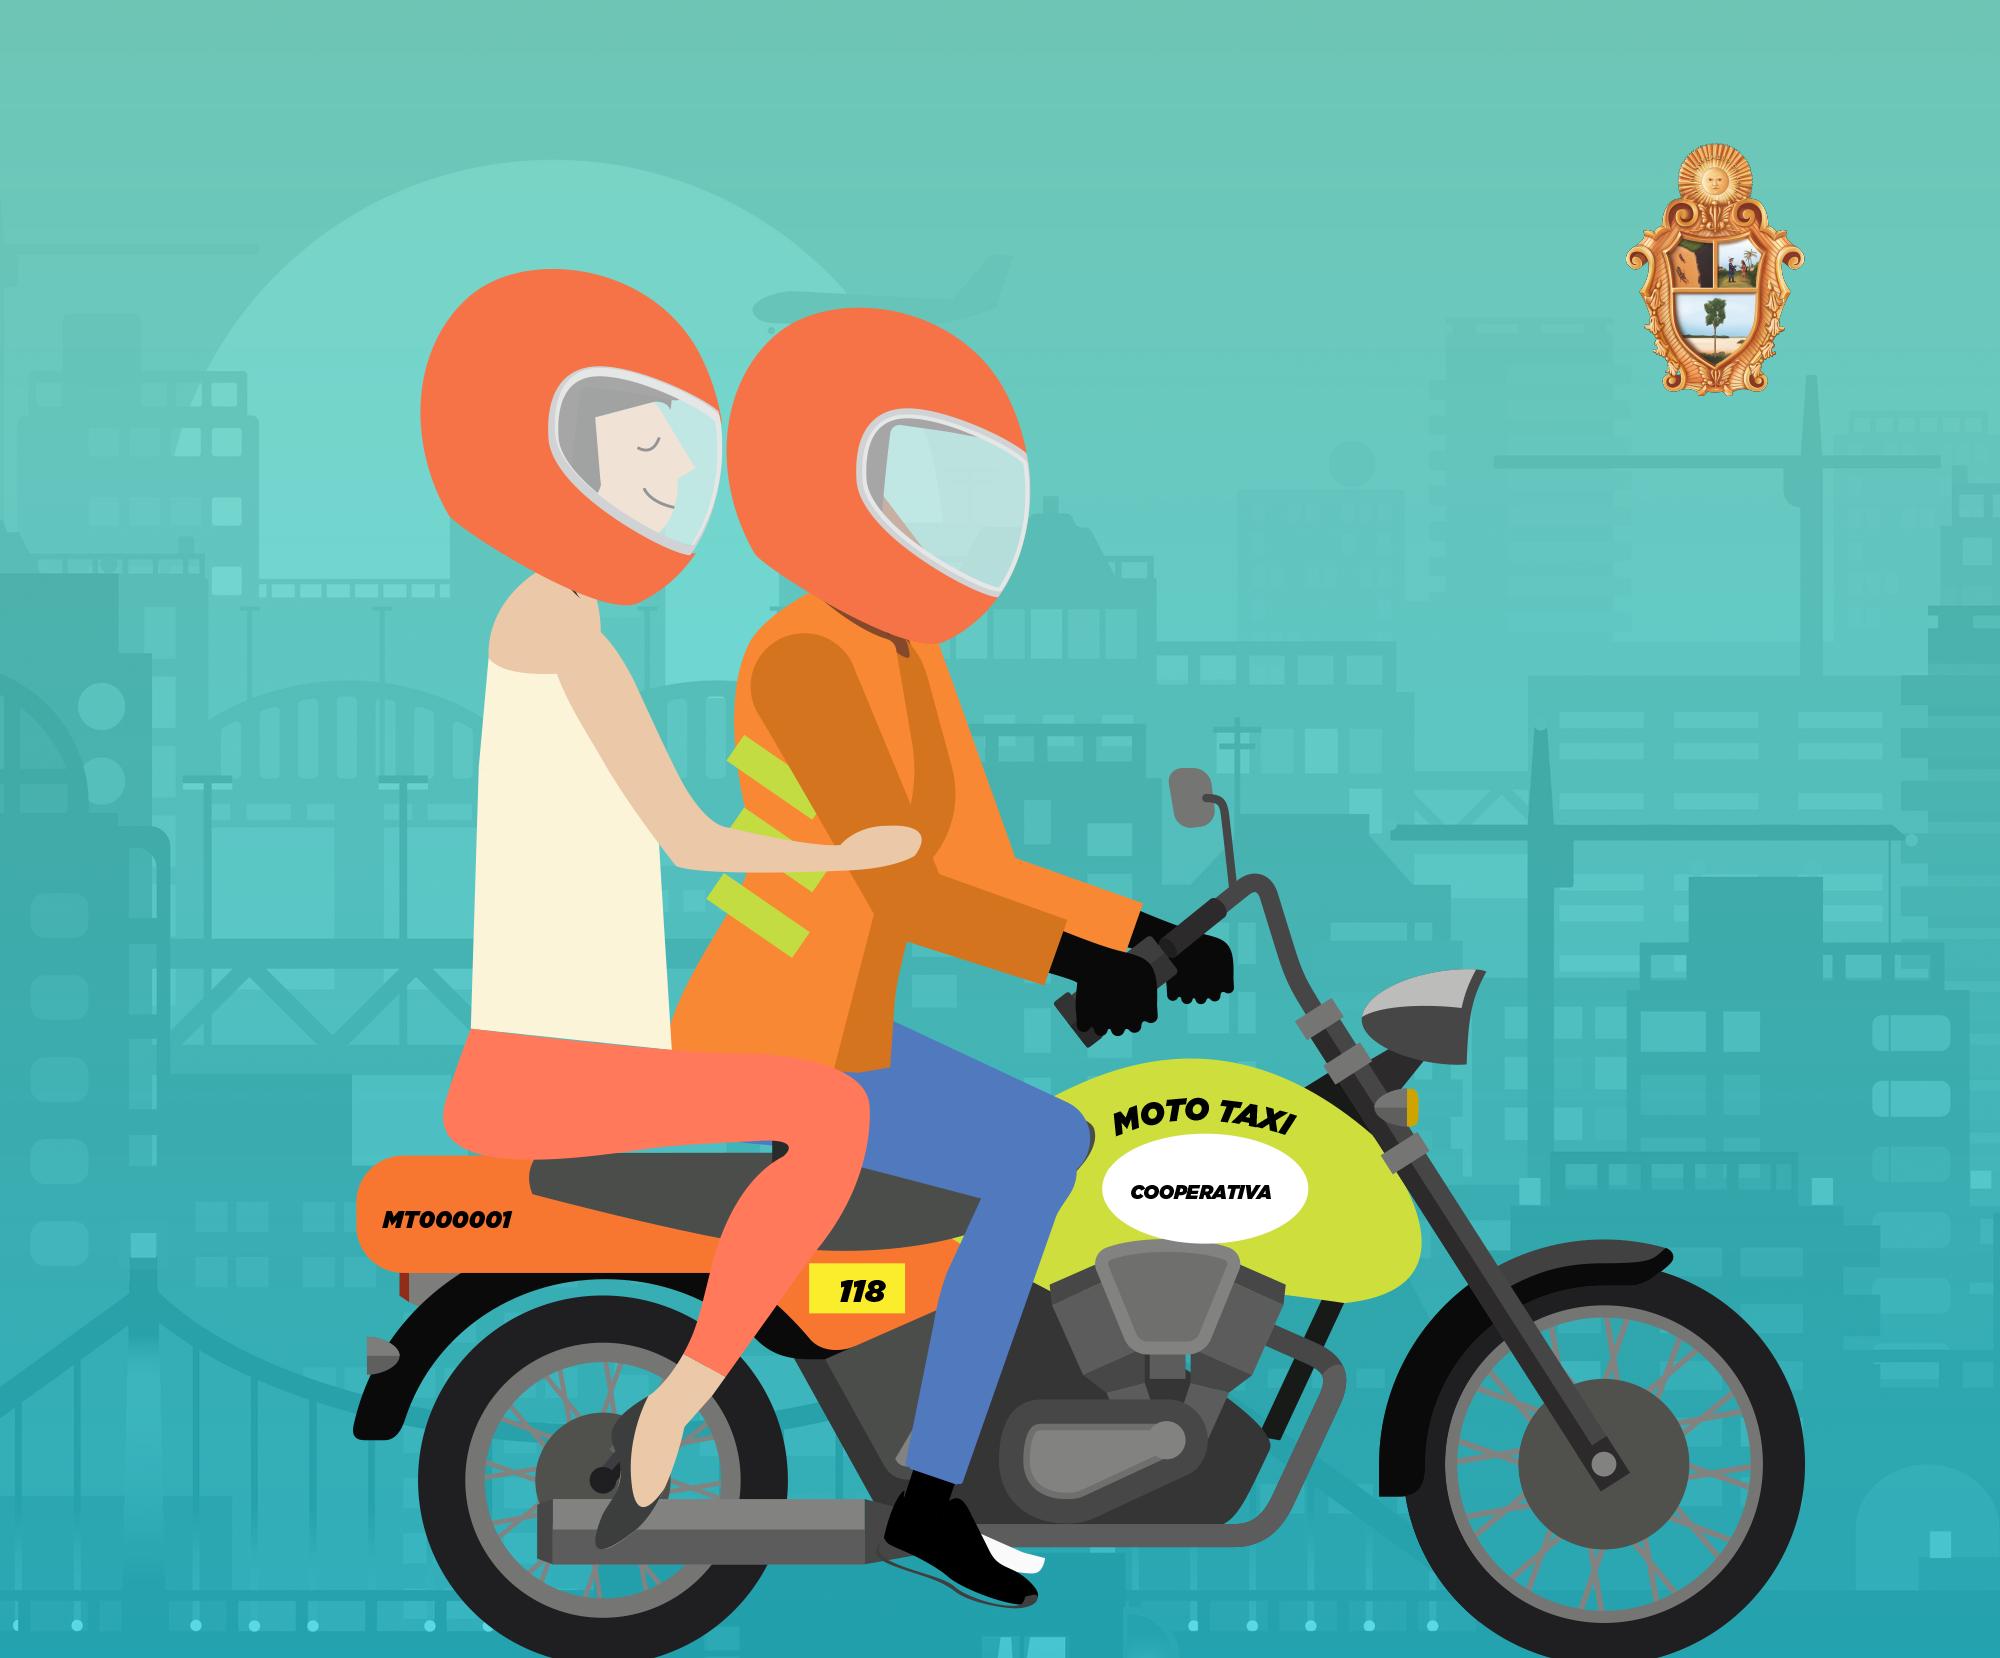 Cinco super vantagens na utilização do Mototáxi legalizado em Manaus